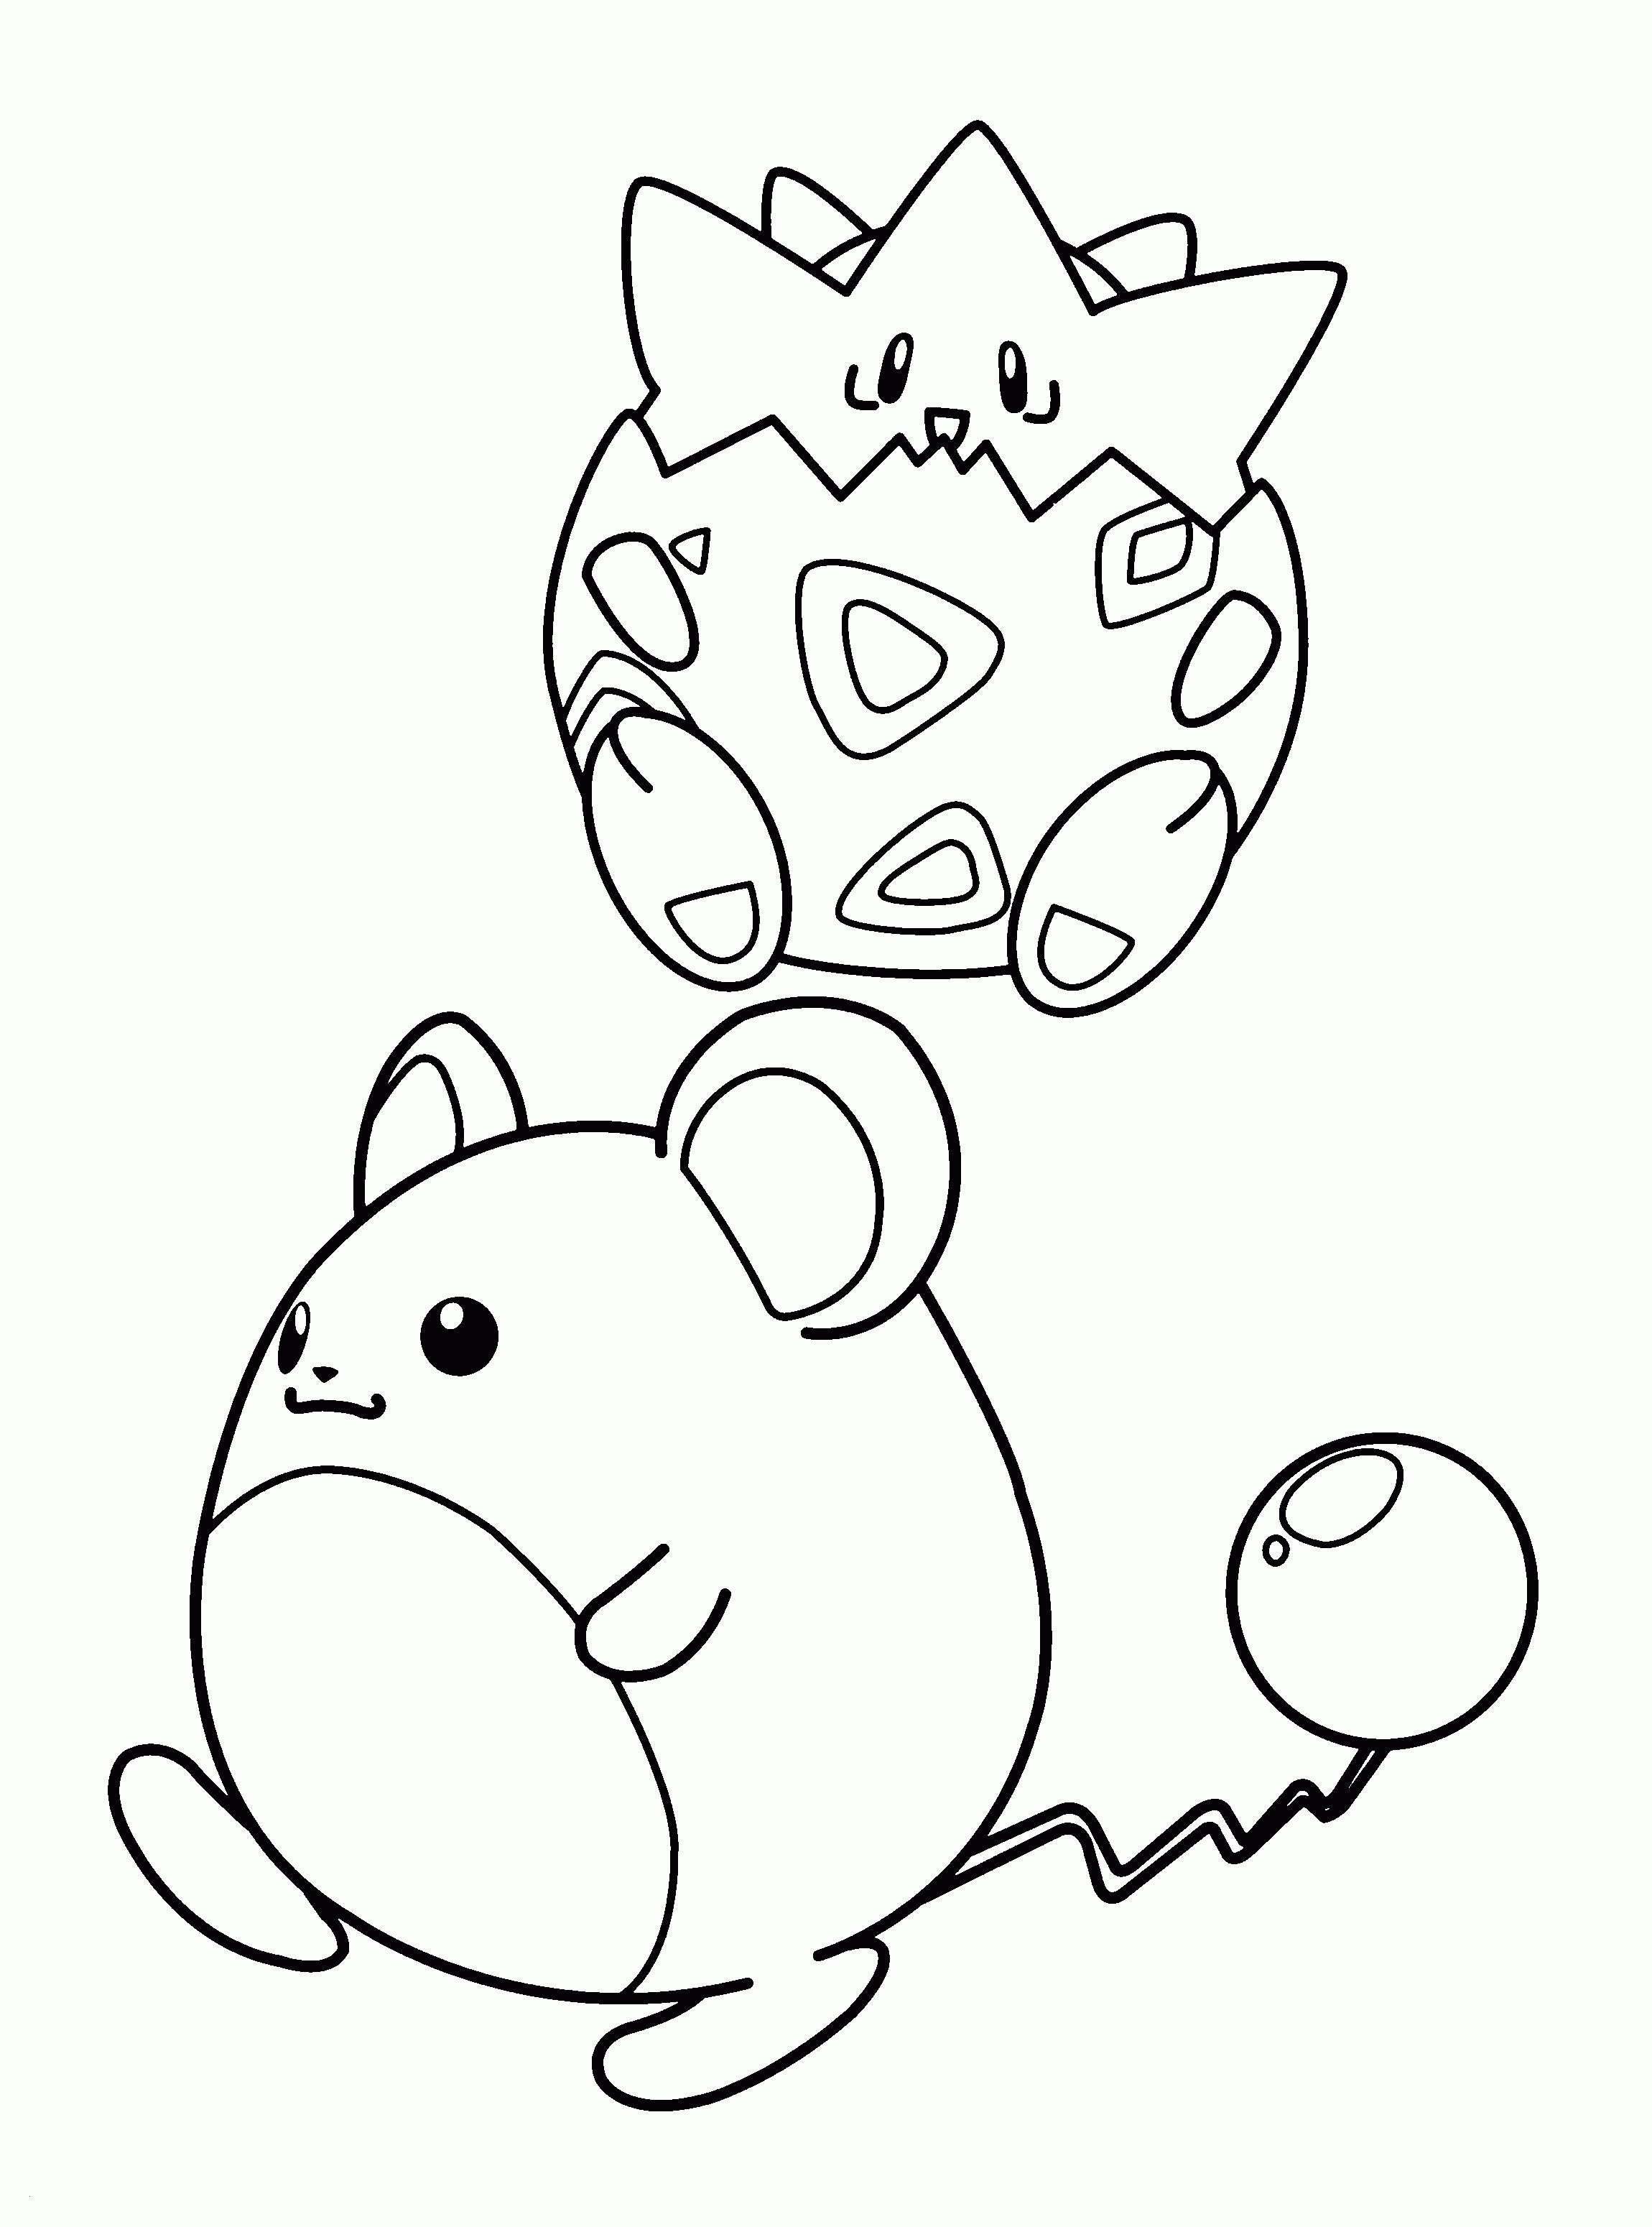 Pokemon Bilder Zum Ausmalen Frisch Pokemon Ausmalbilder Neu Pokemon Ausmalbilder Aquana Bestimmt Für Sammlung